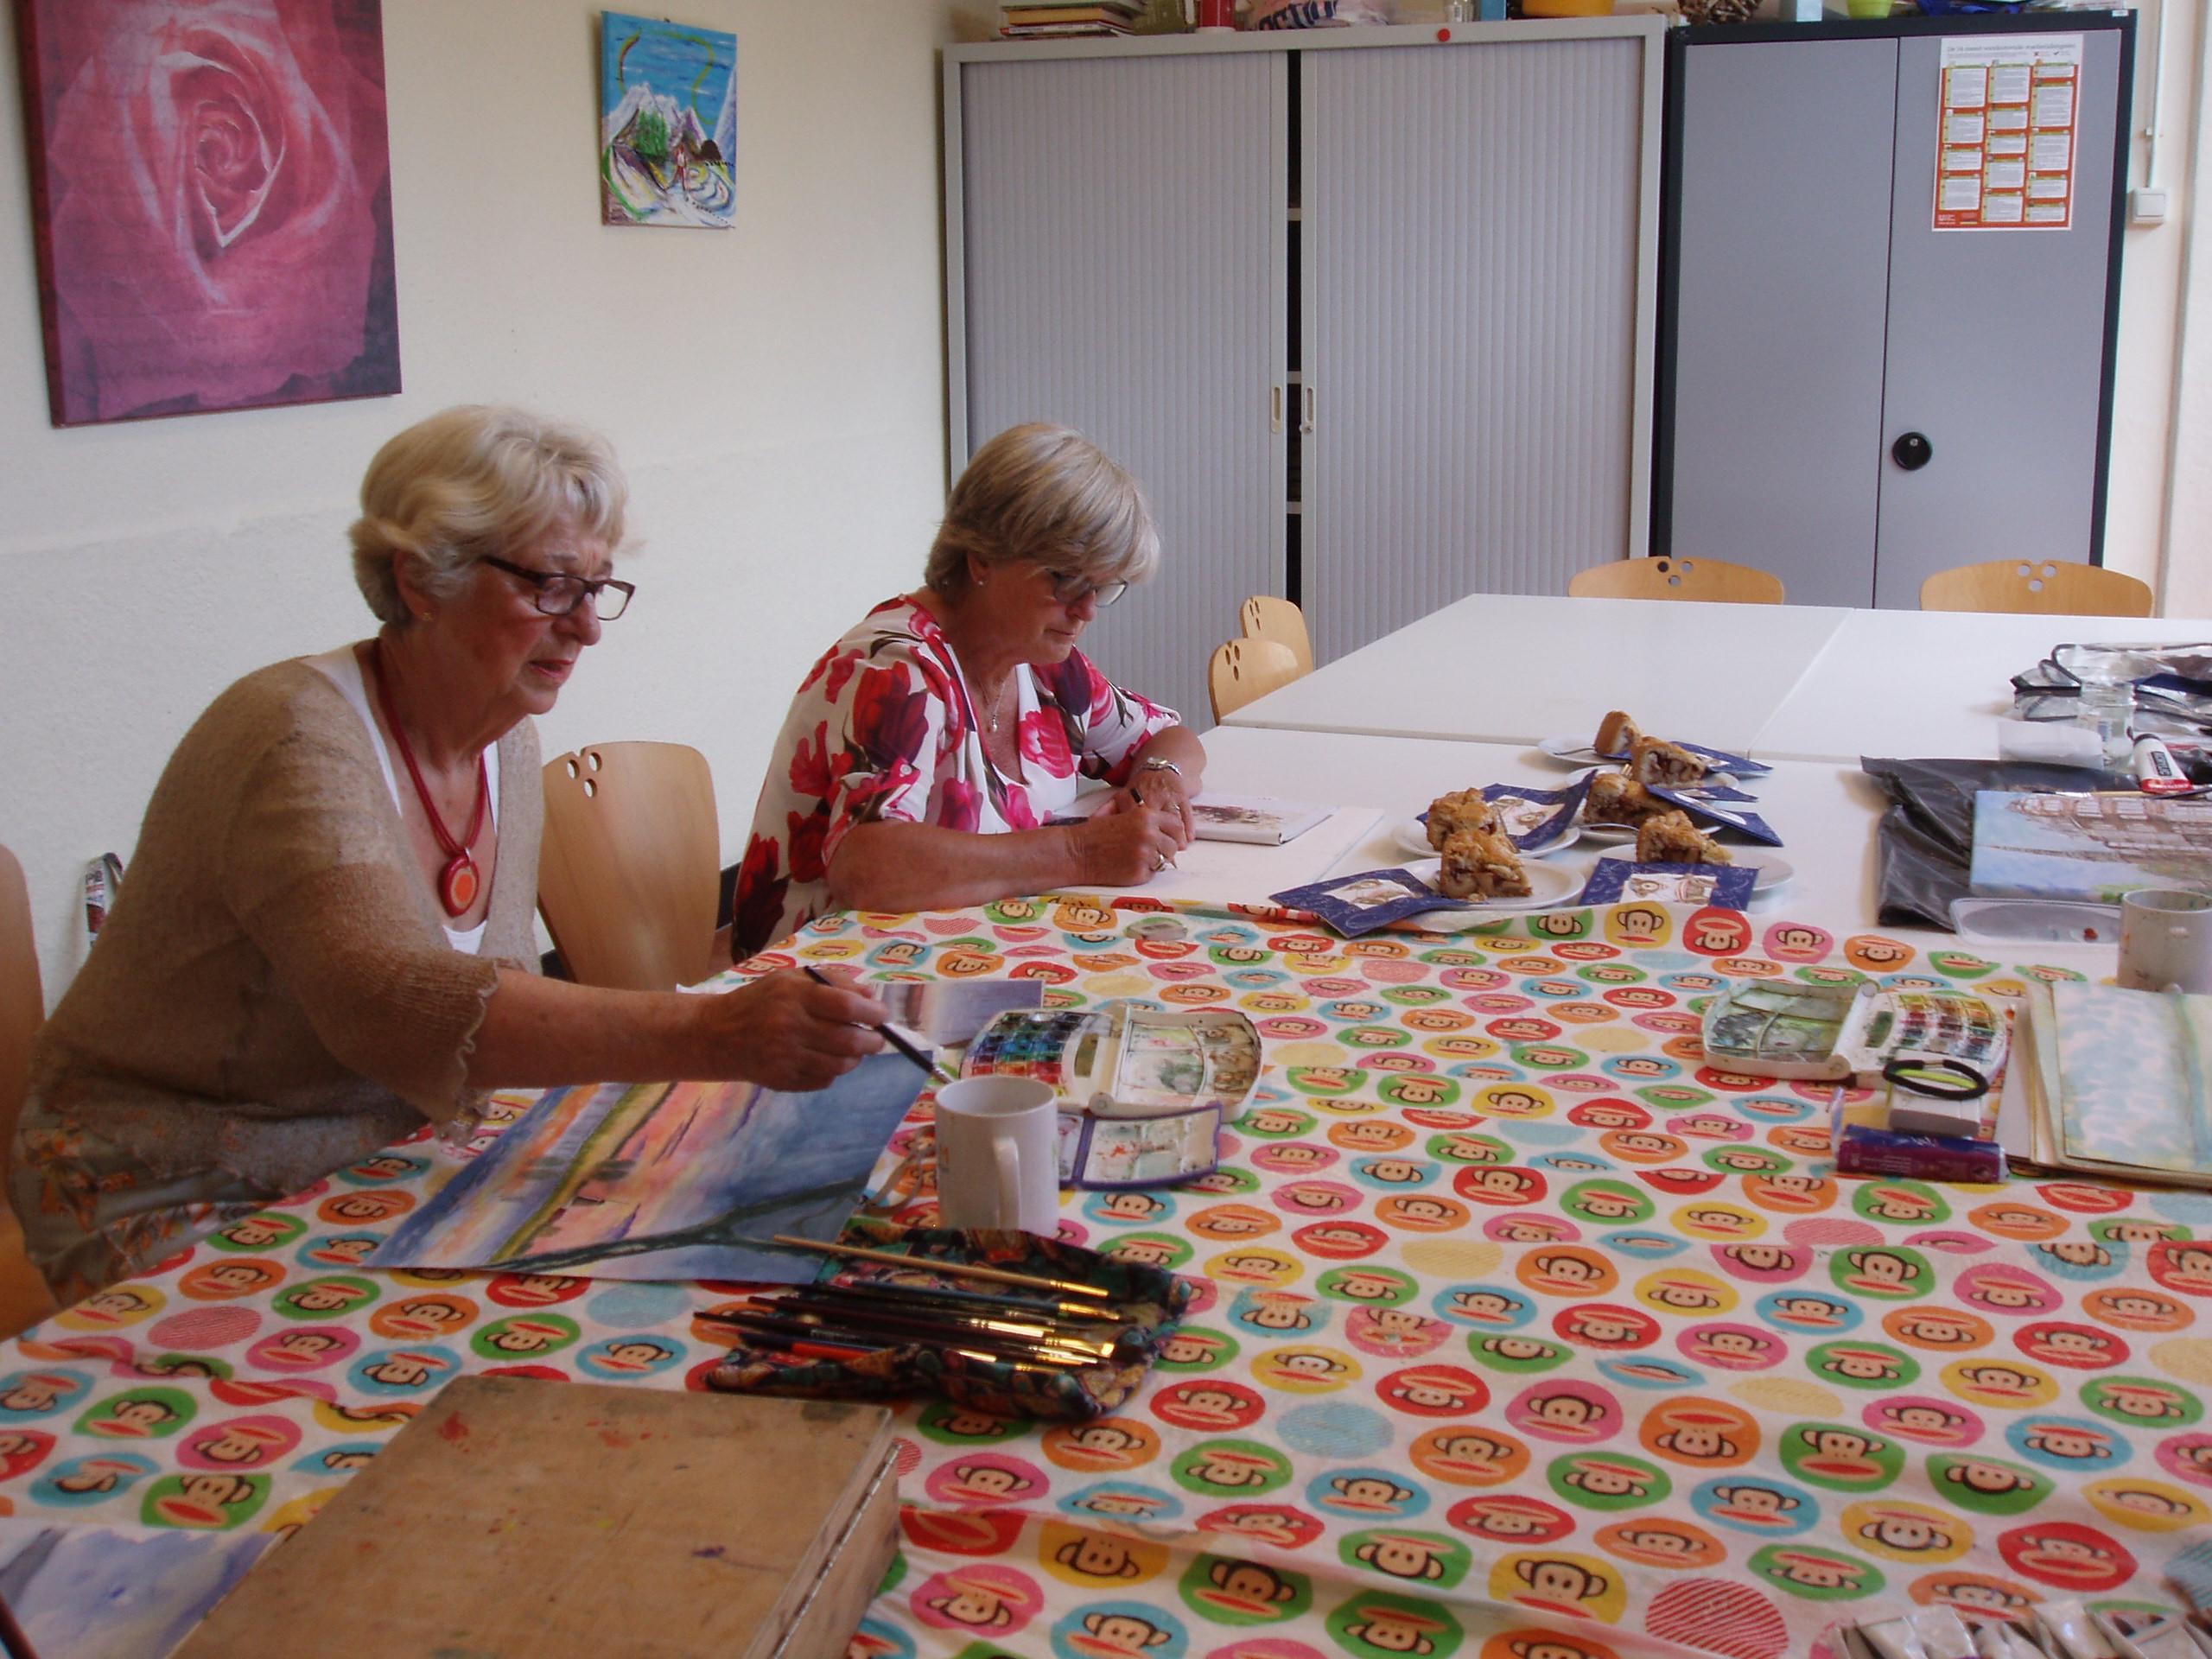 Dames van Schilderskring Poelenburcht aan het werk. (Foto: Schilderskring Poelenburcht)